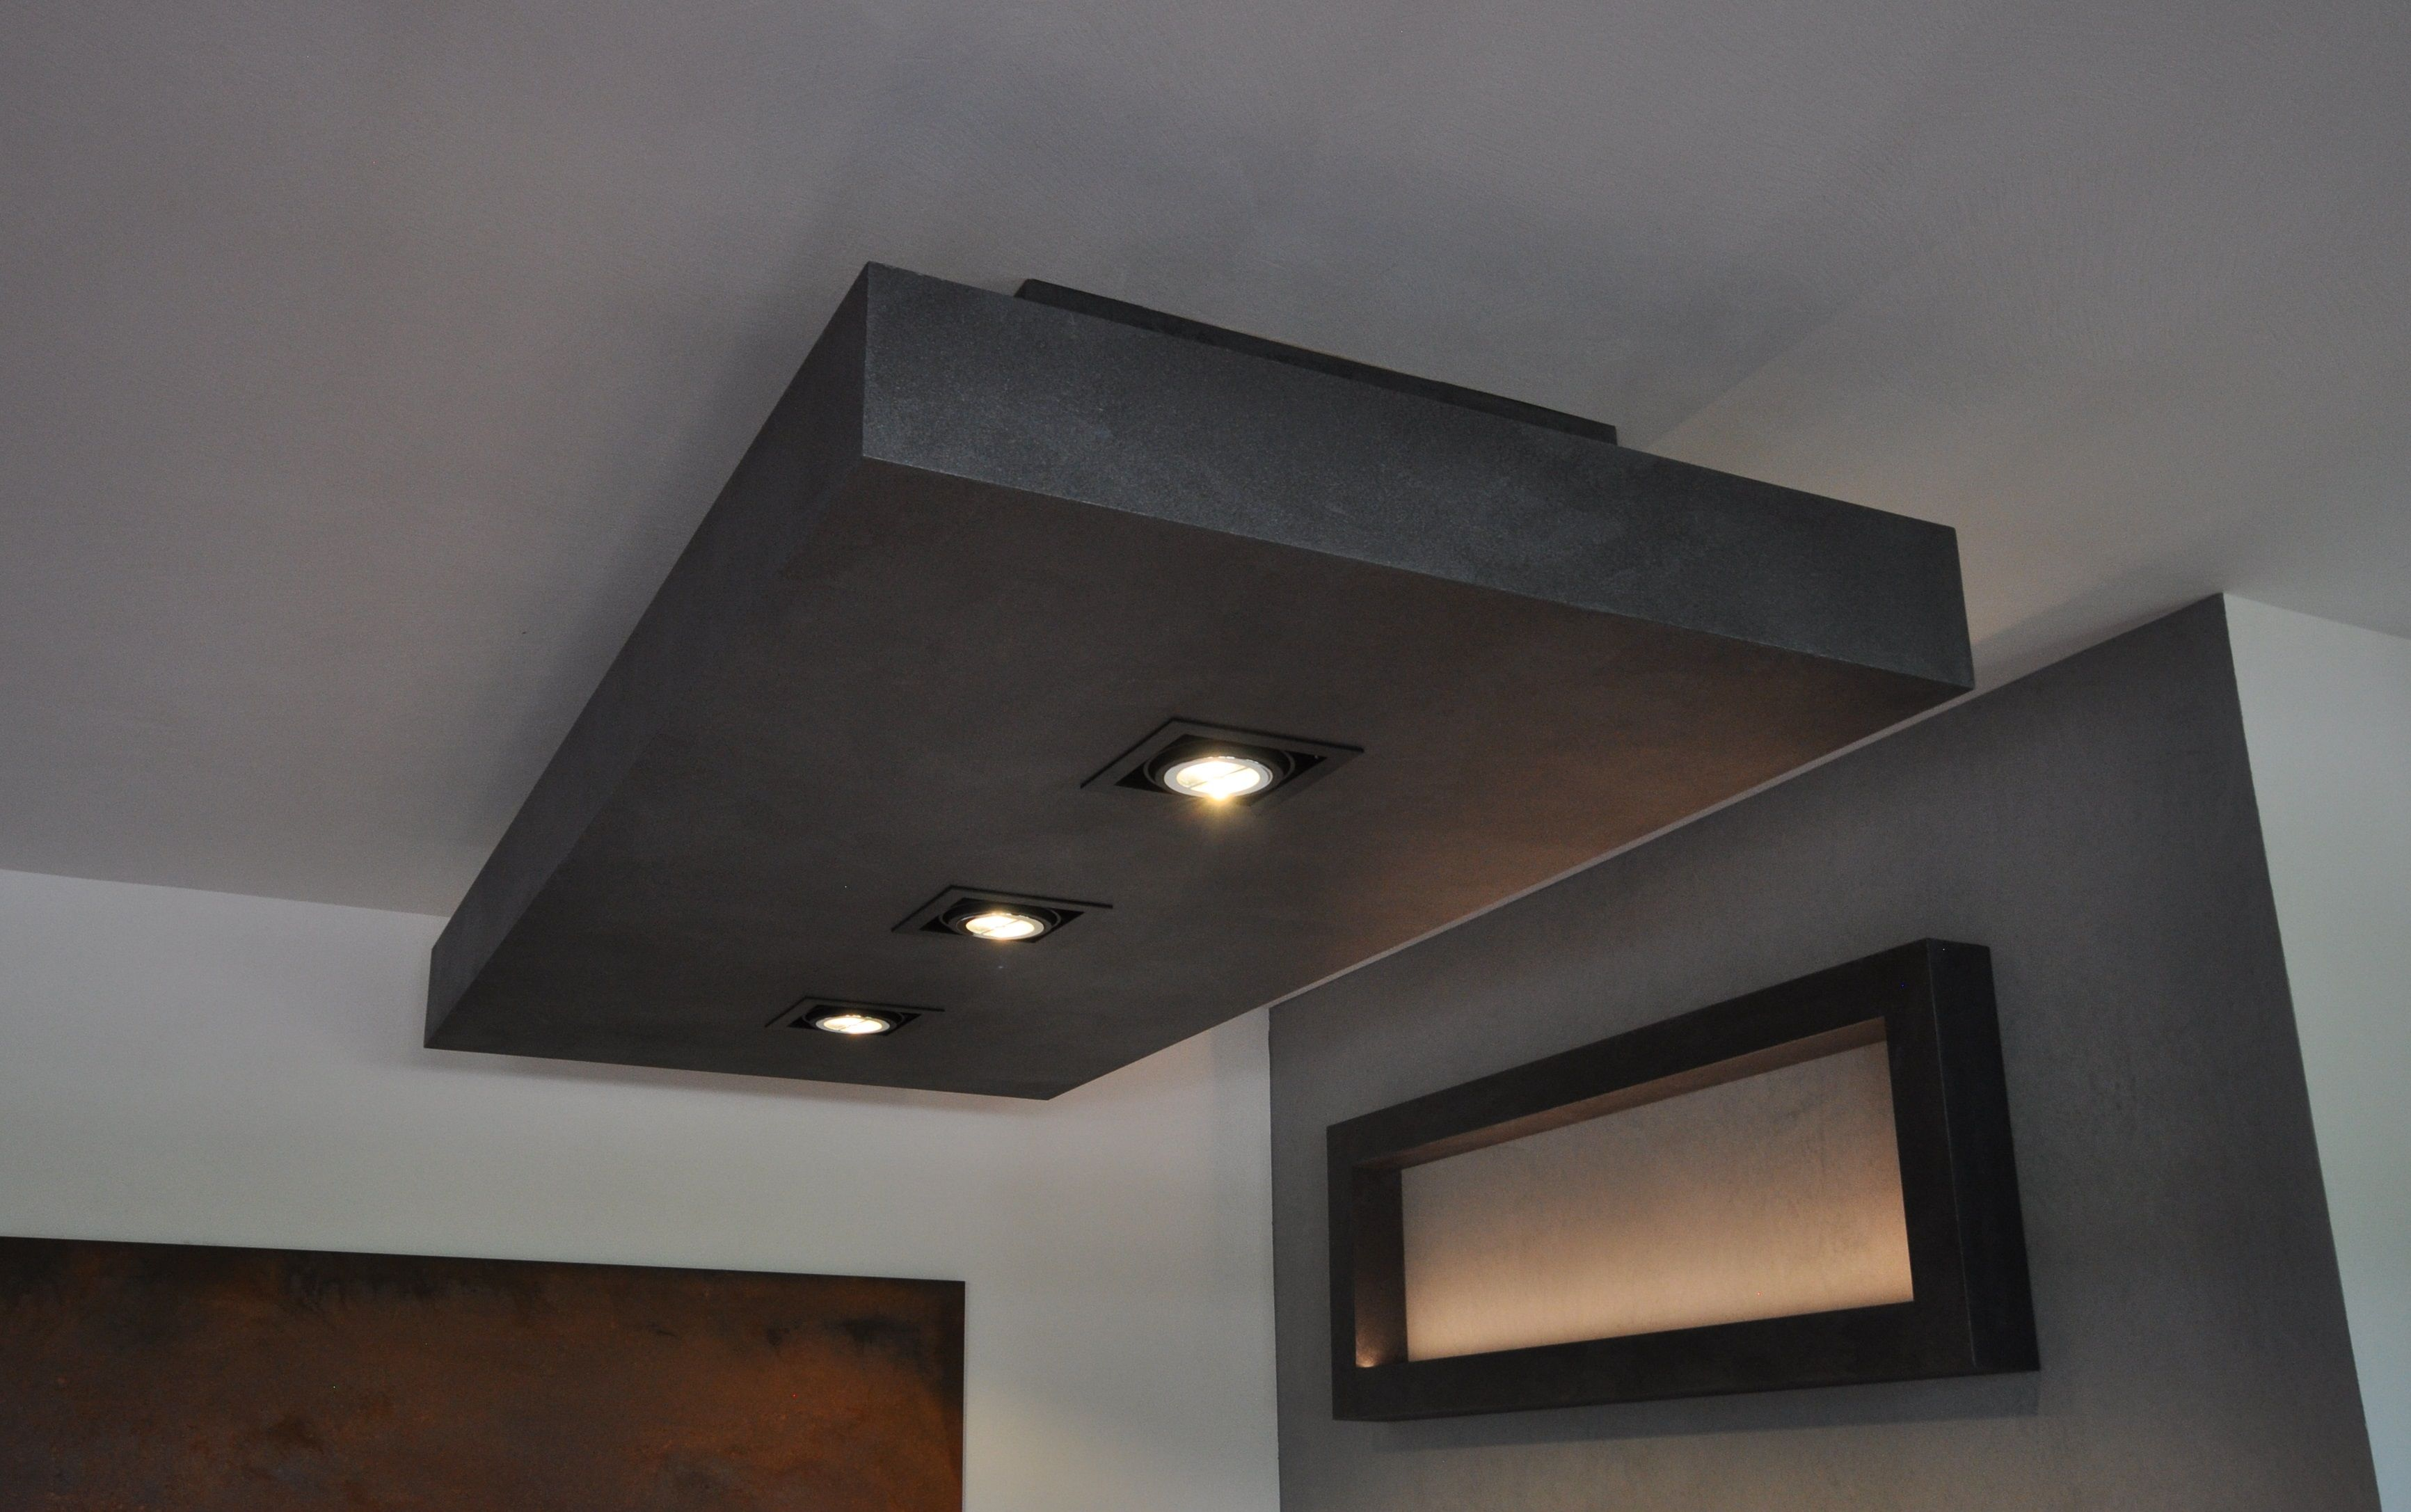 Deckenelement Einbauspots Metalleffekt Designmobel Mobeldesign Individuelle Anfertigung Wohn Design Einbauspots Und Design